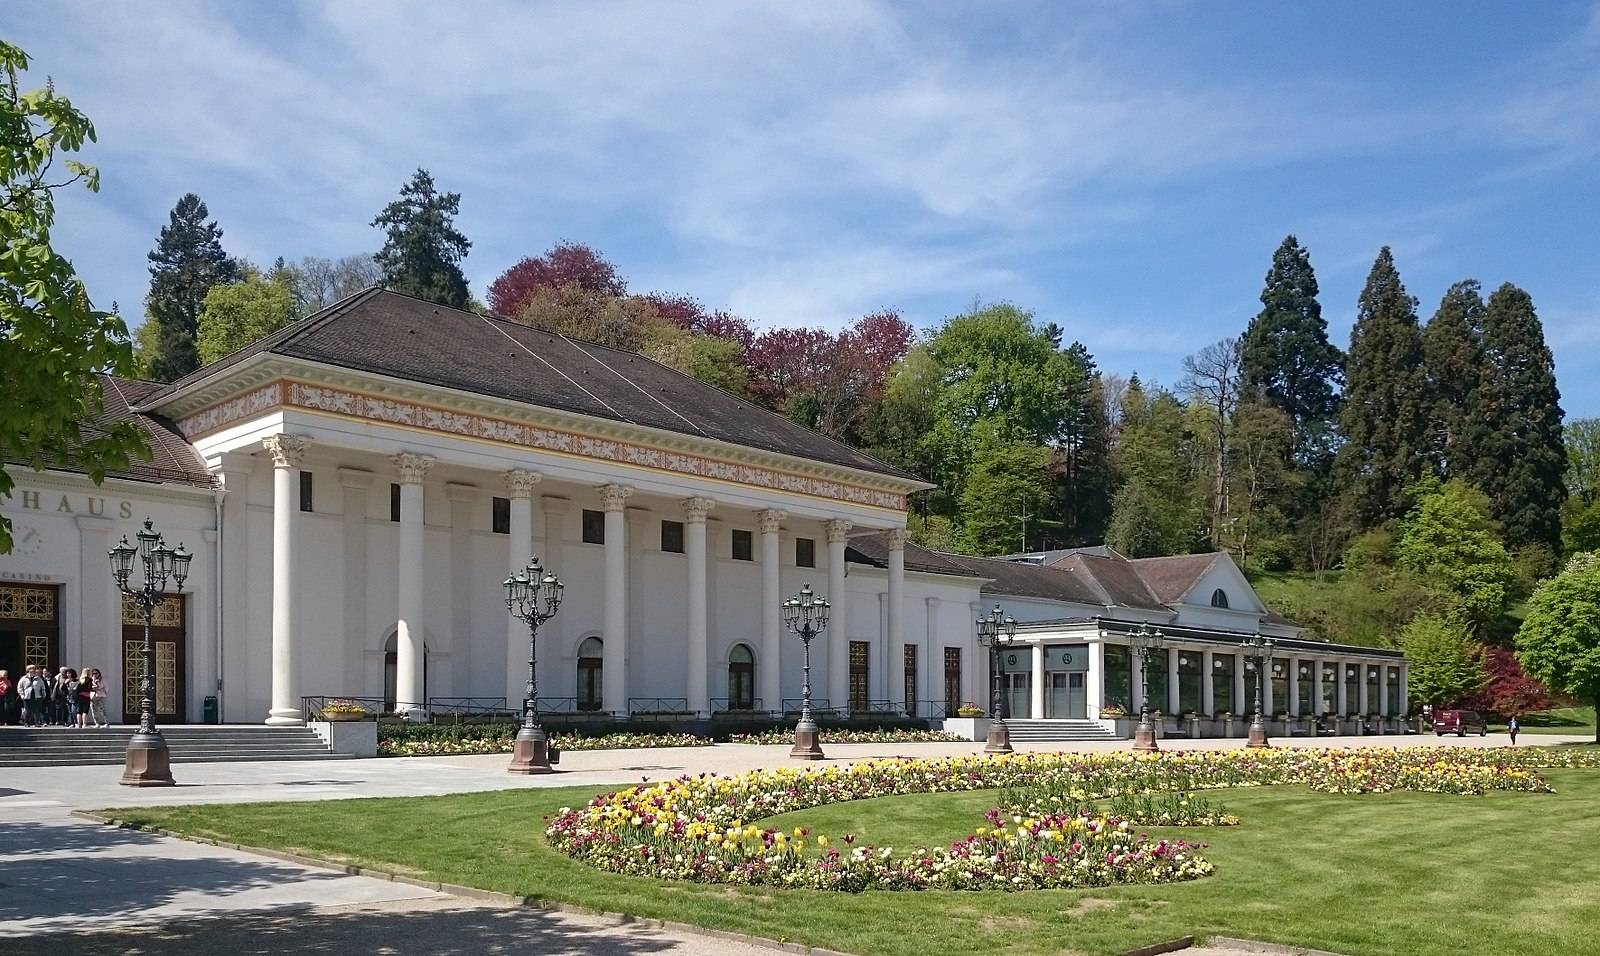 Баден-баден — город аристократов